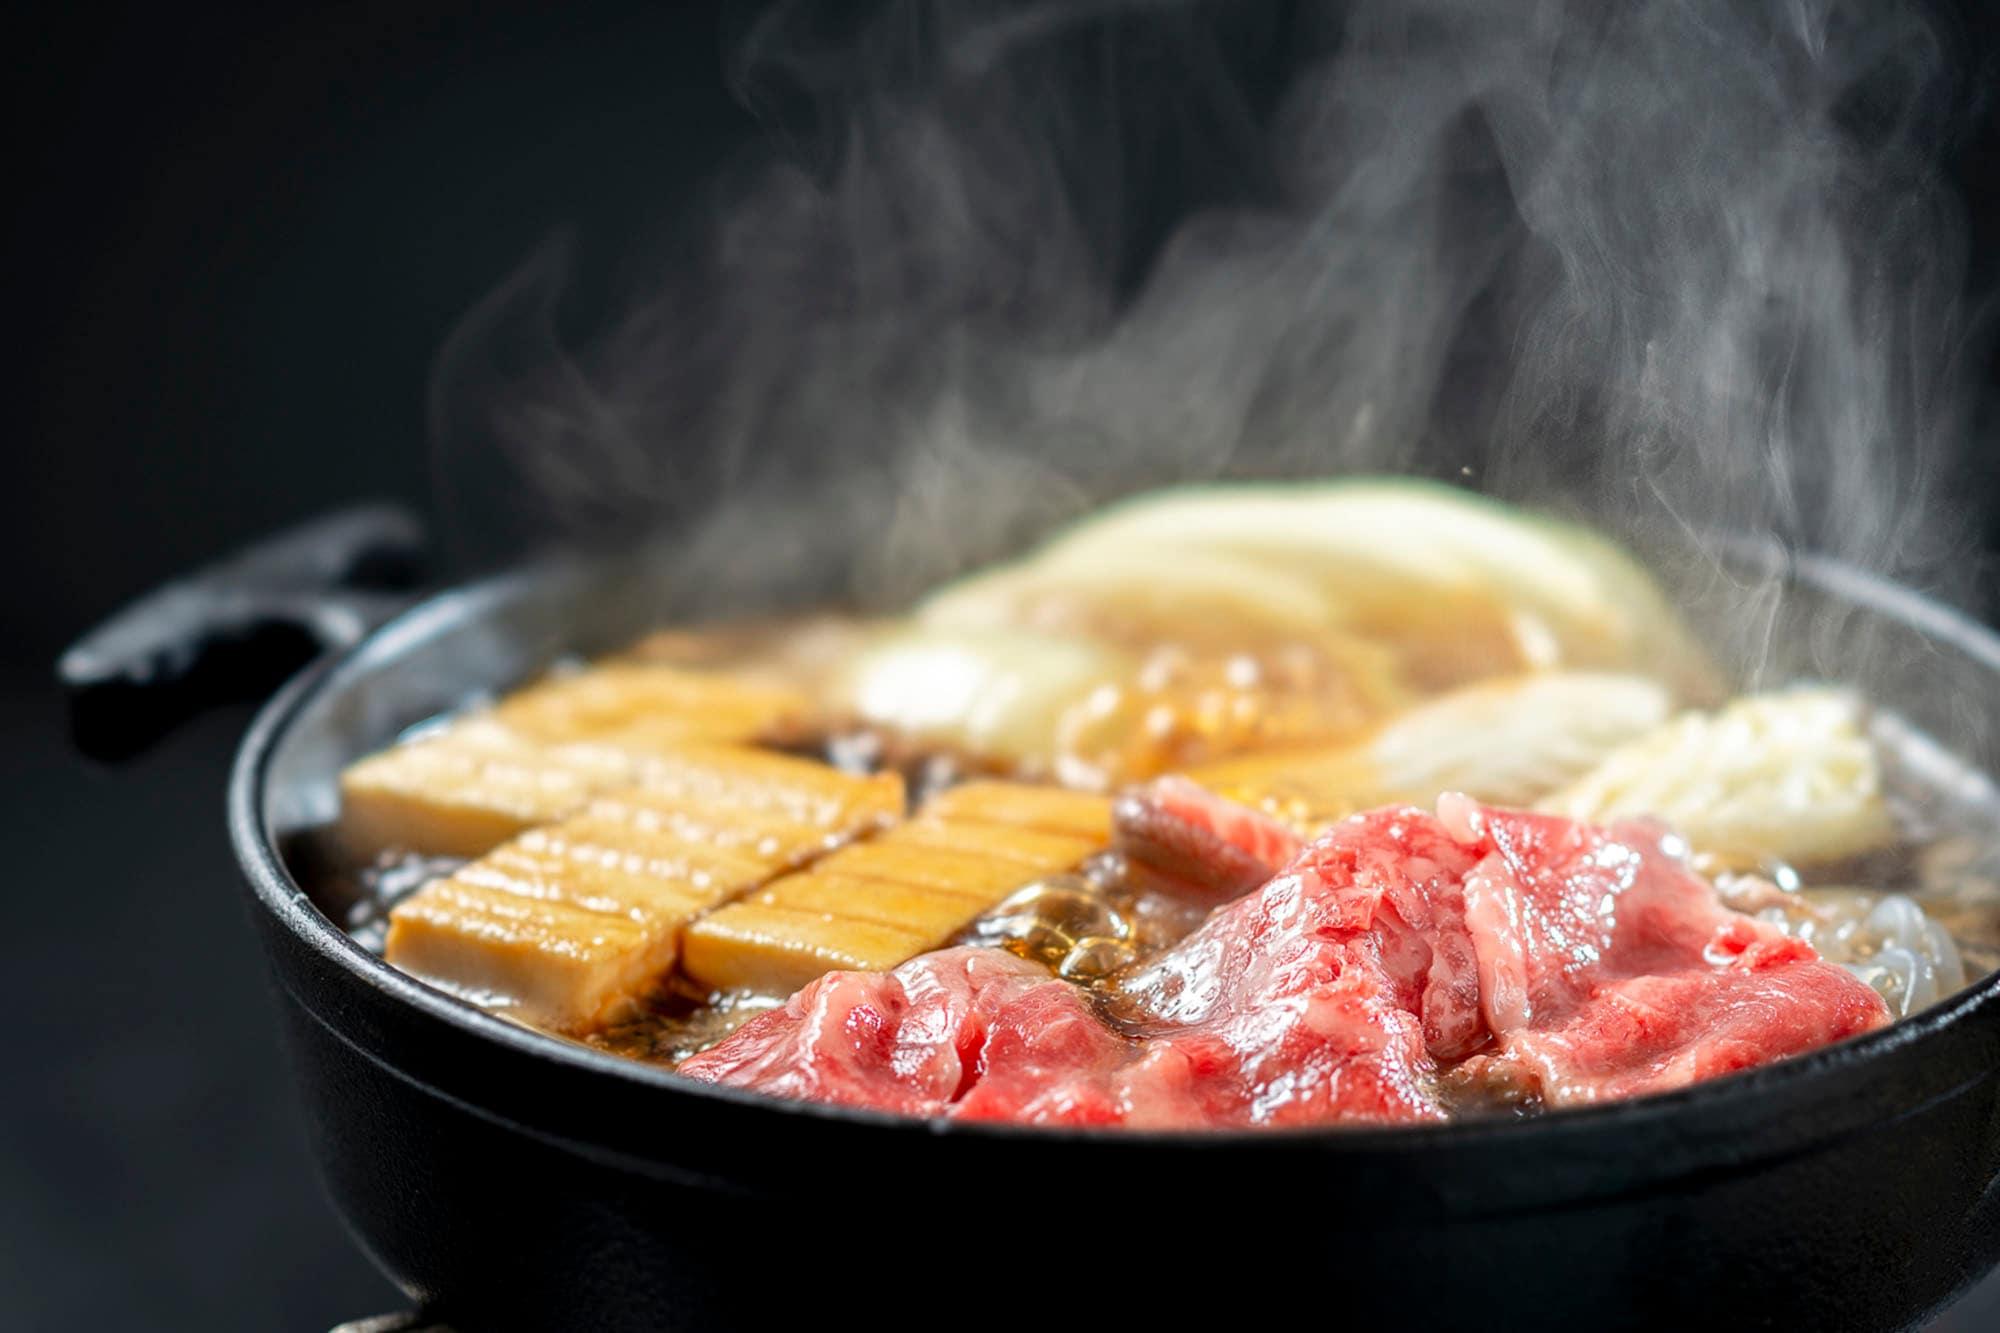 冨來屋本舗 別館の料理